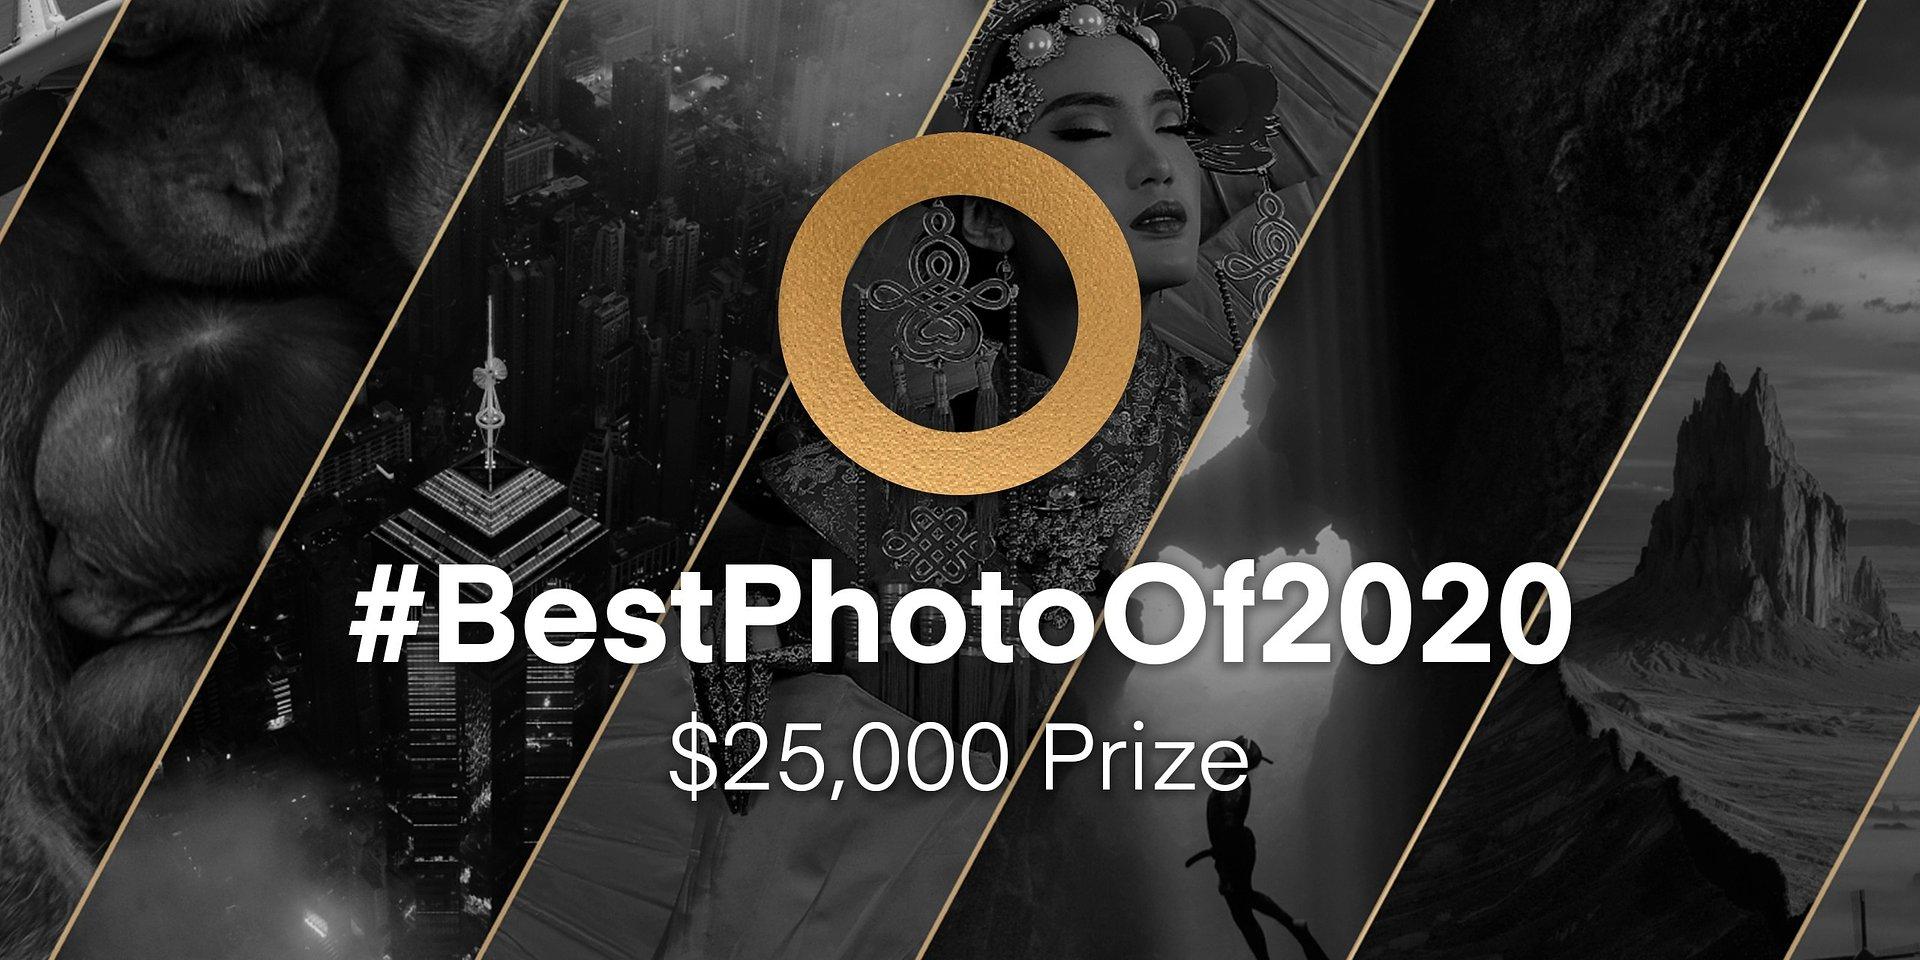 Las 50 mejores fotos del año compitiendo en #BestPhotoOf2020 para ganar $25,000